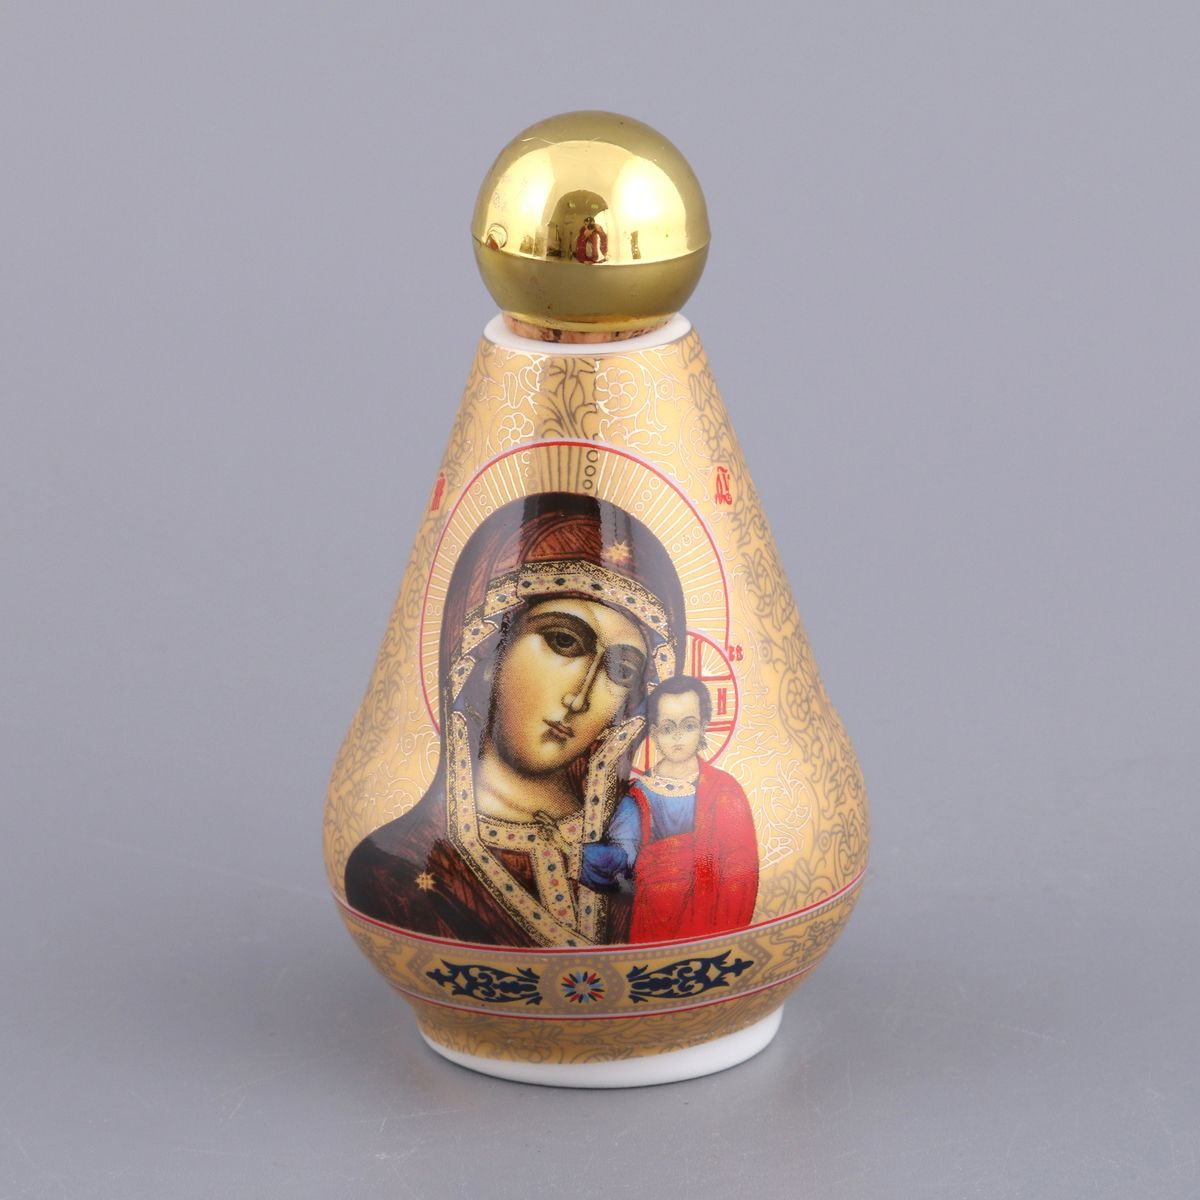 Бутылка декоративная Lefard для святой воды, 55-2793, золотой, 100 мл сосуд для святой воды lefard лики 86 2040